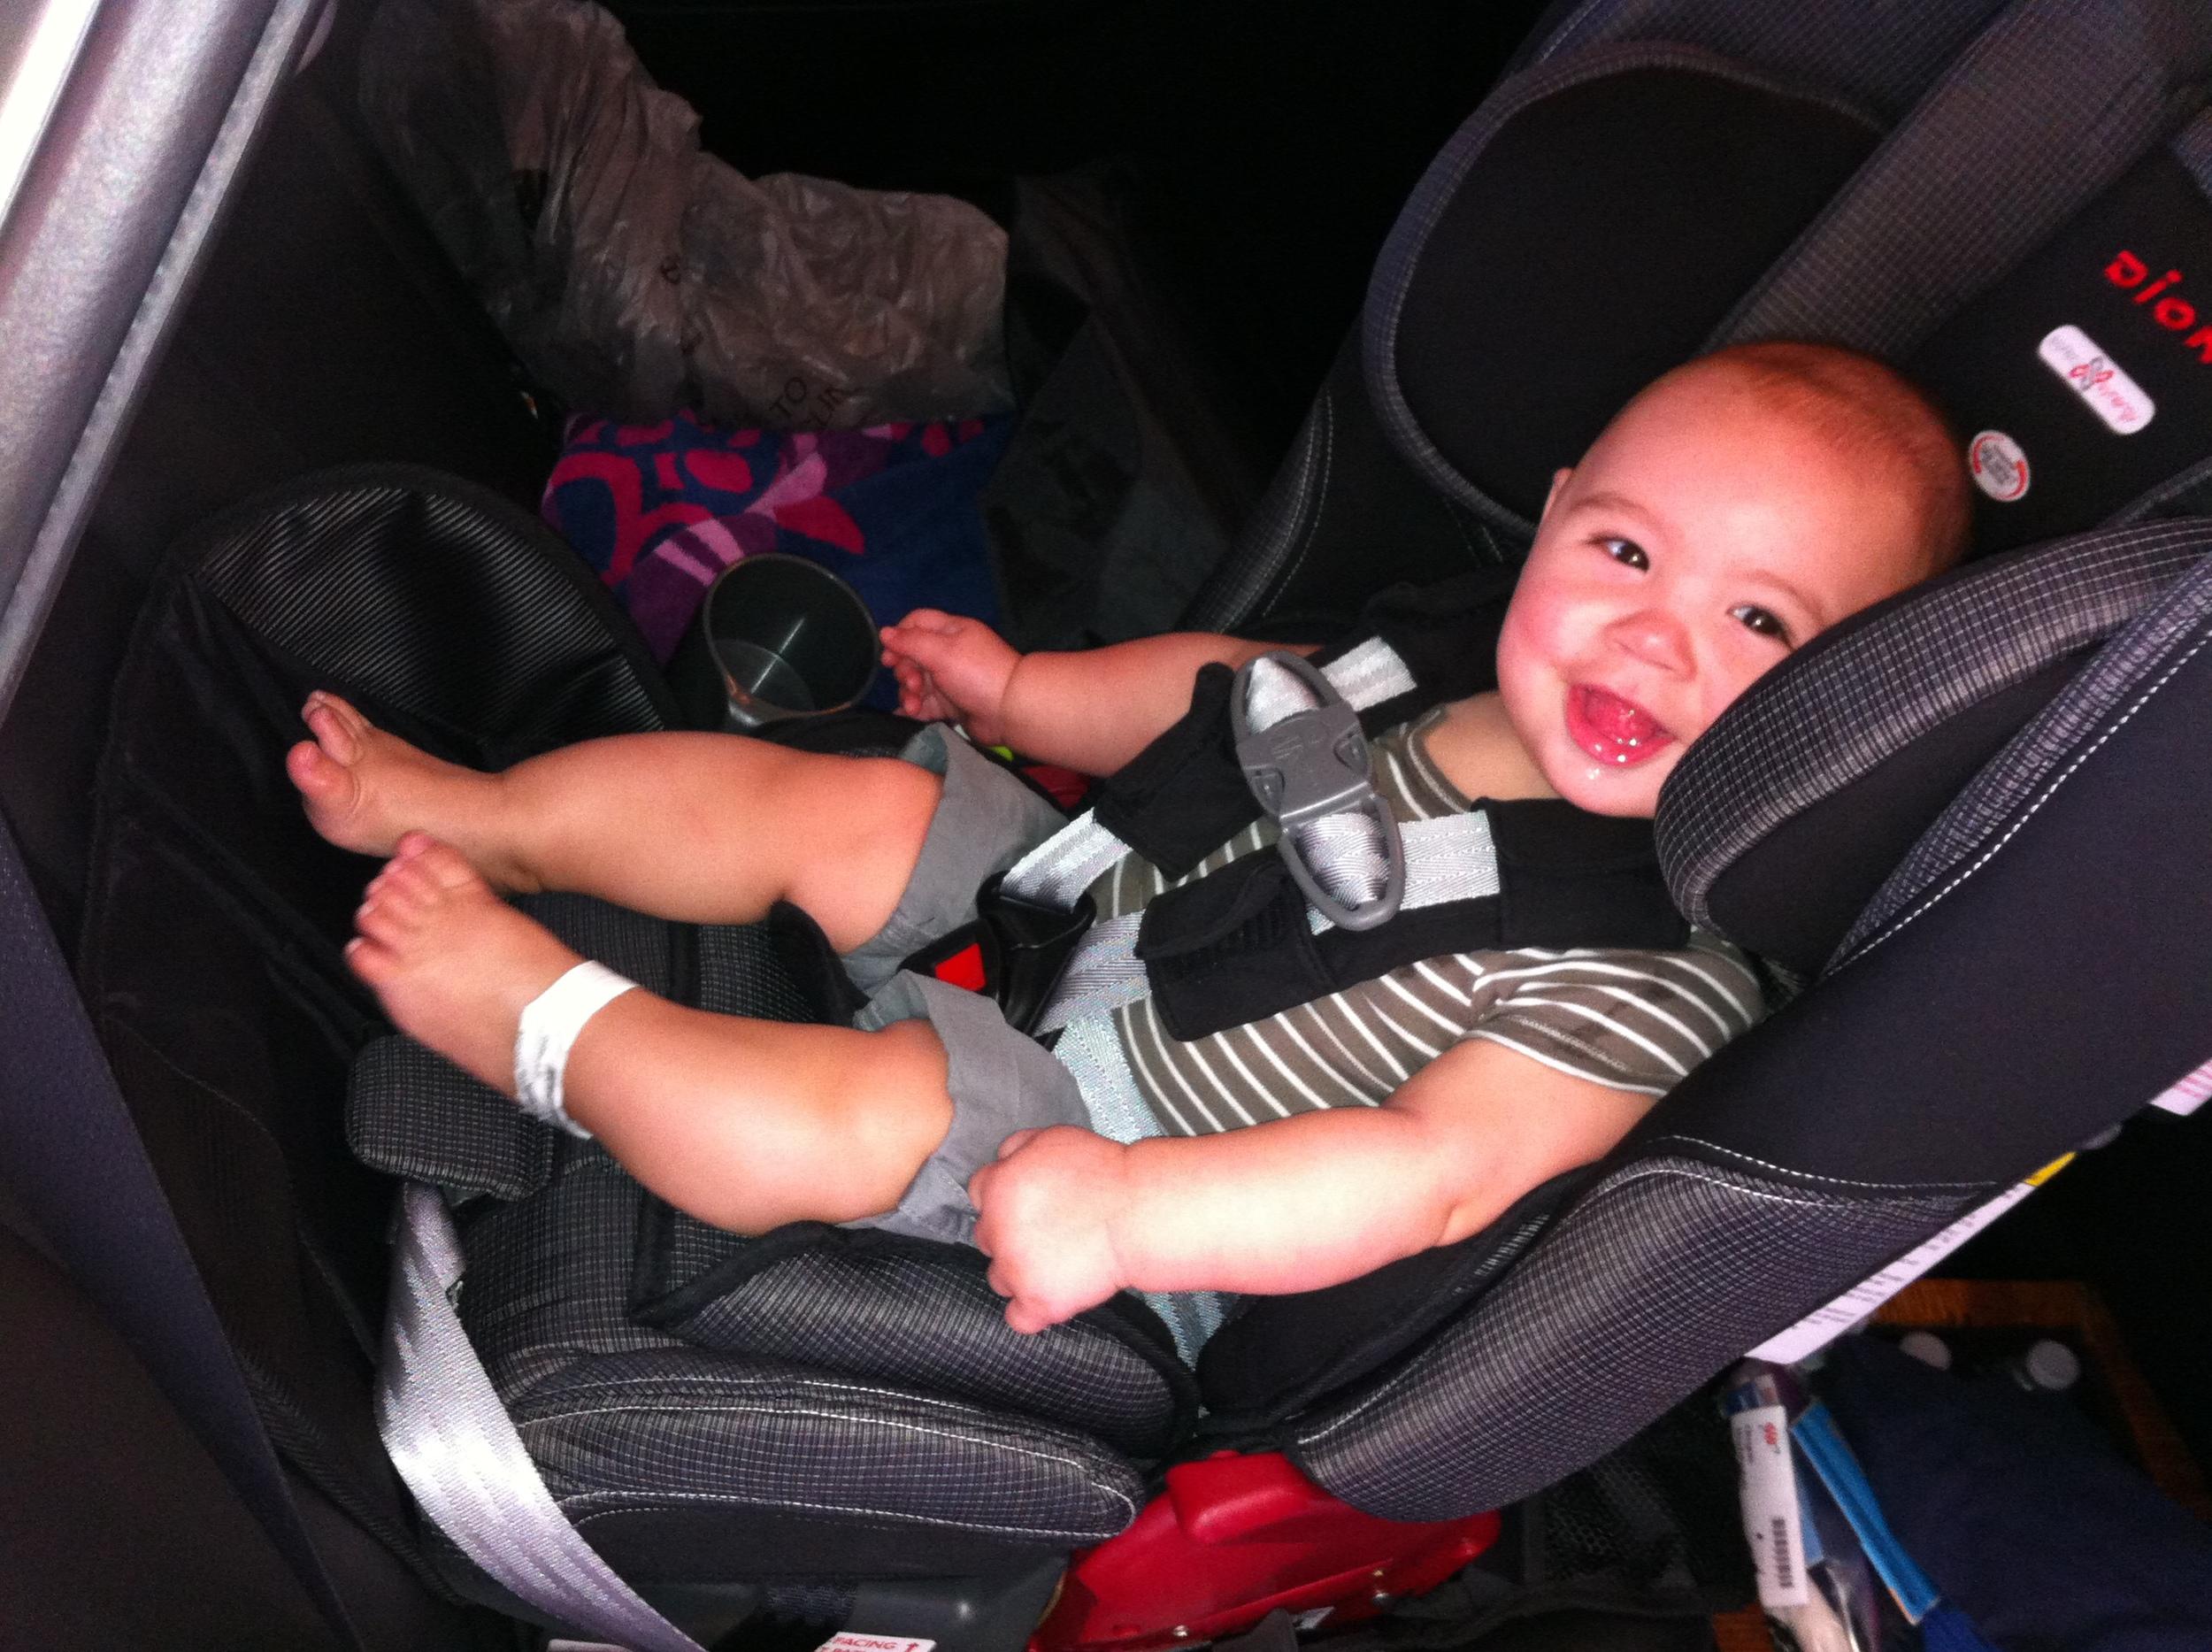 Diono Radian - Rainier model car seat on www.mybwsbaby.com